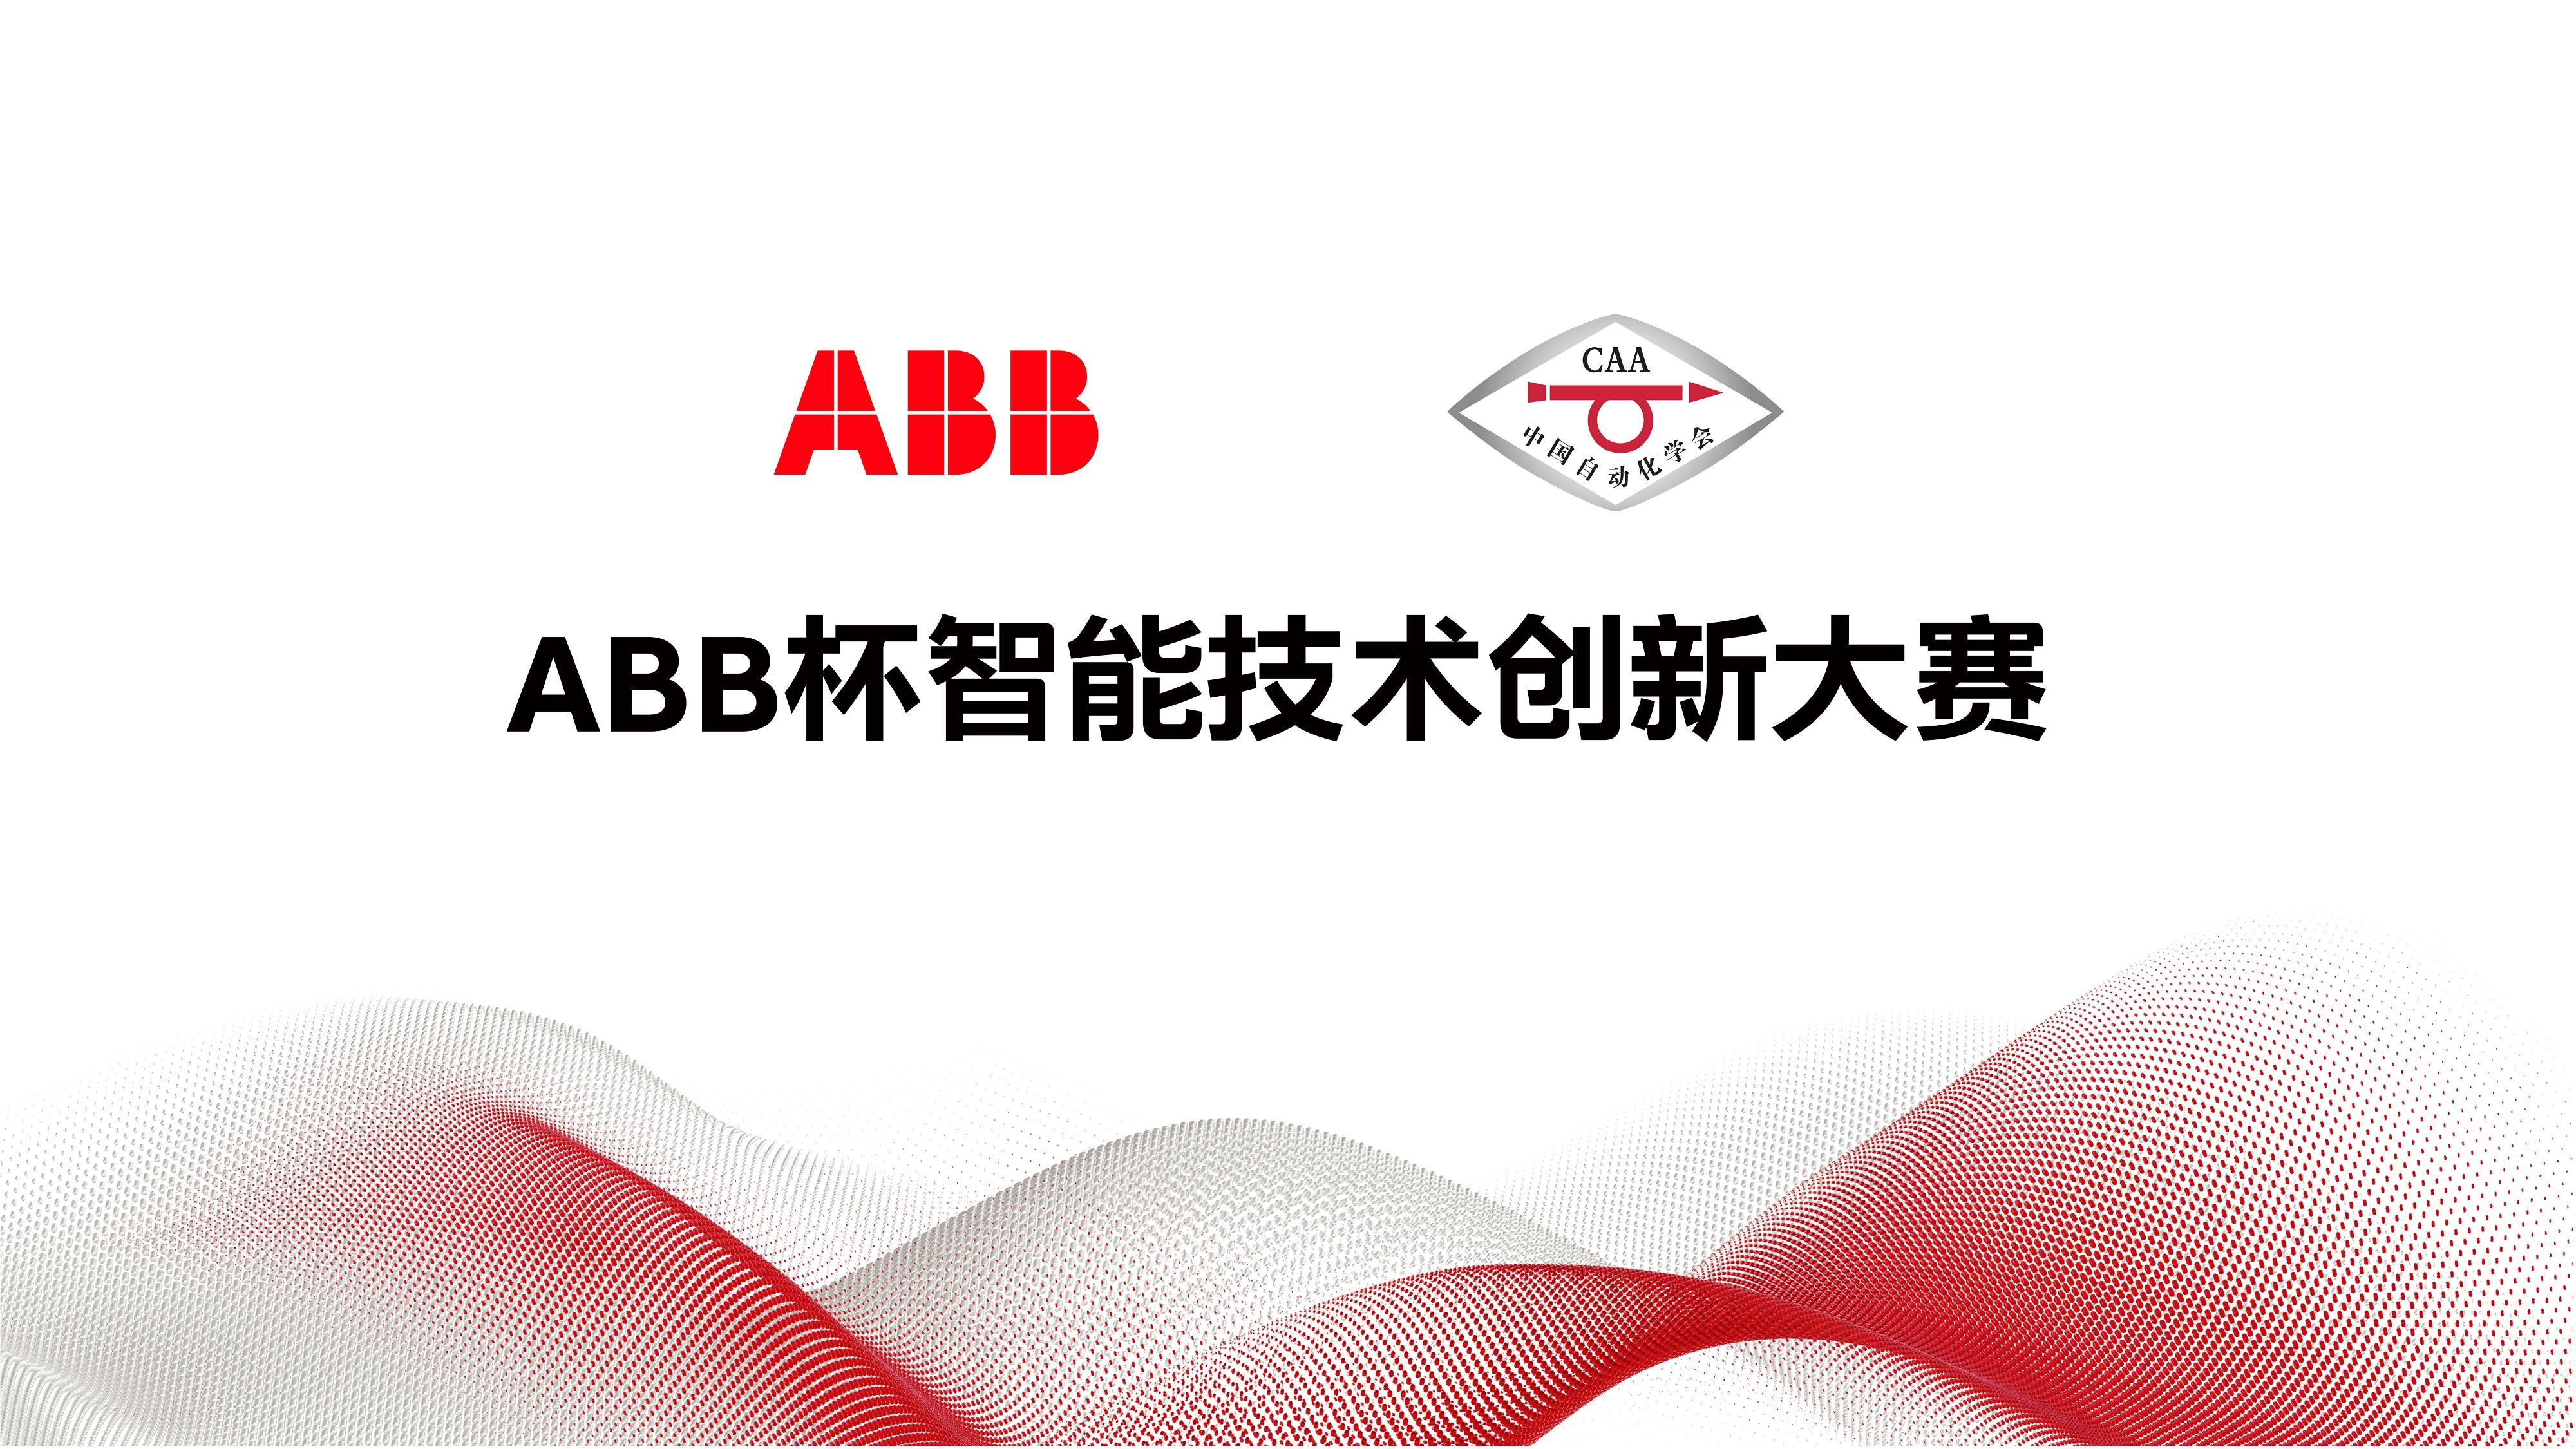 ABB杯智能技术创新大赛